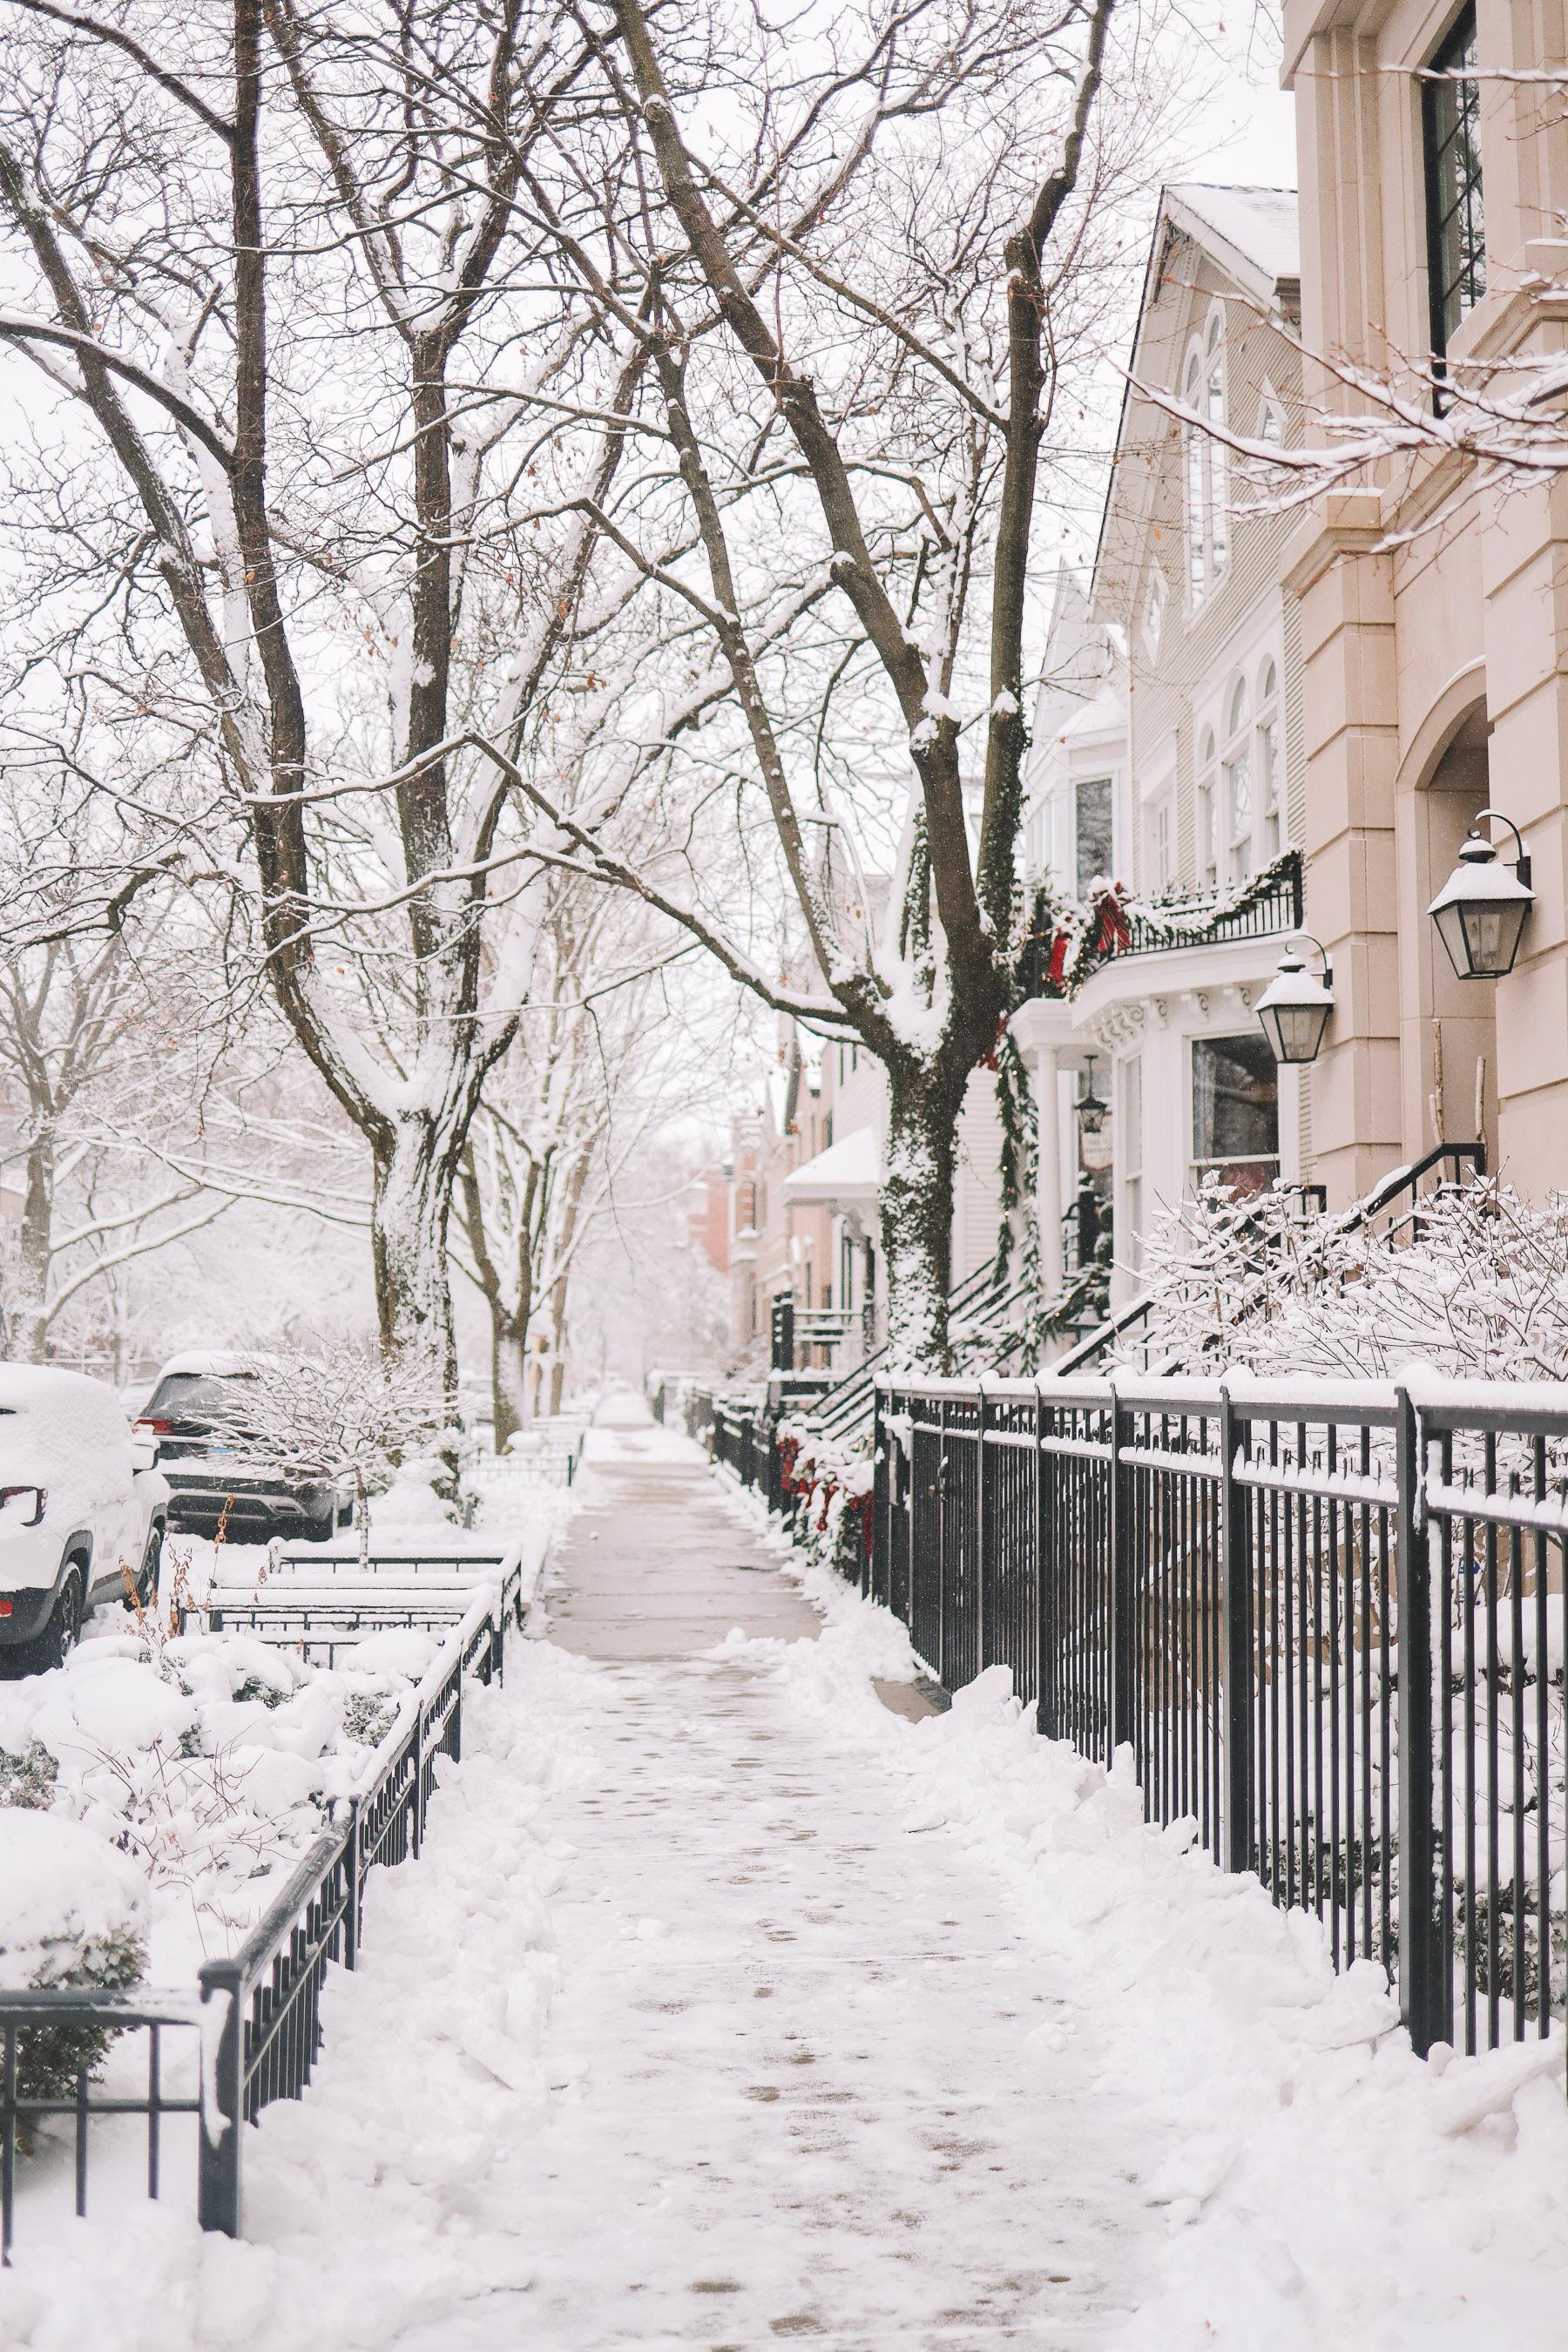 winter in chicago neighborhood